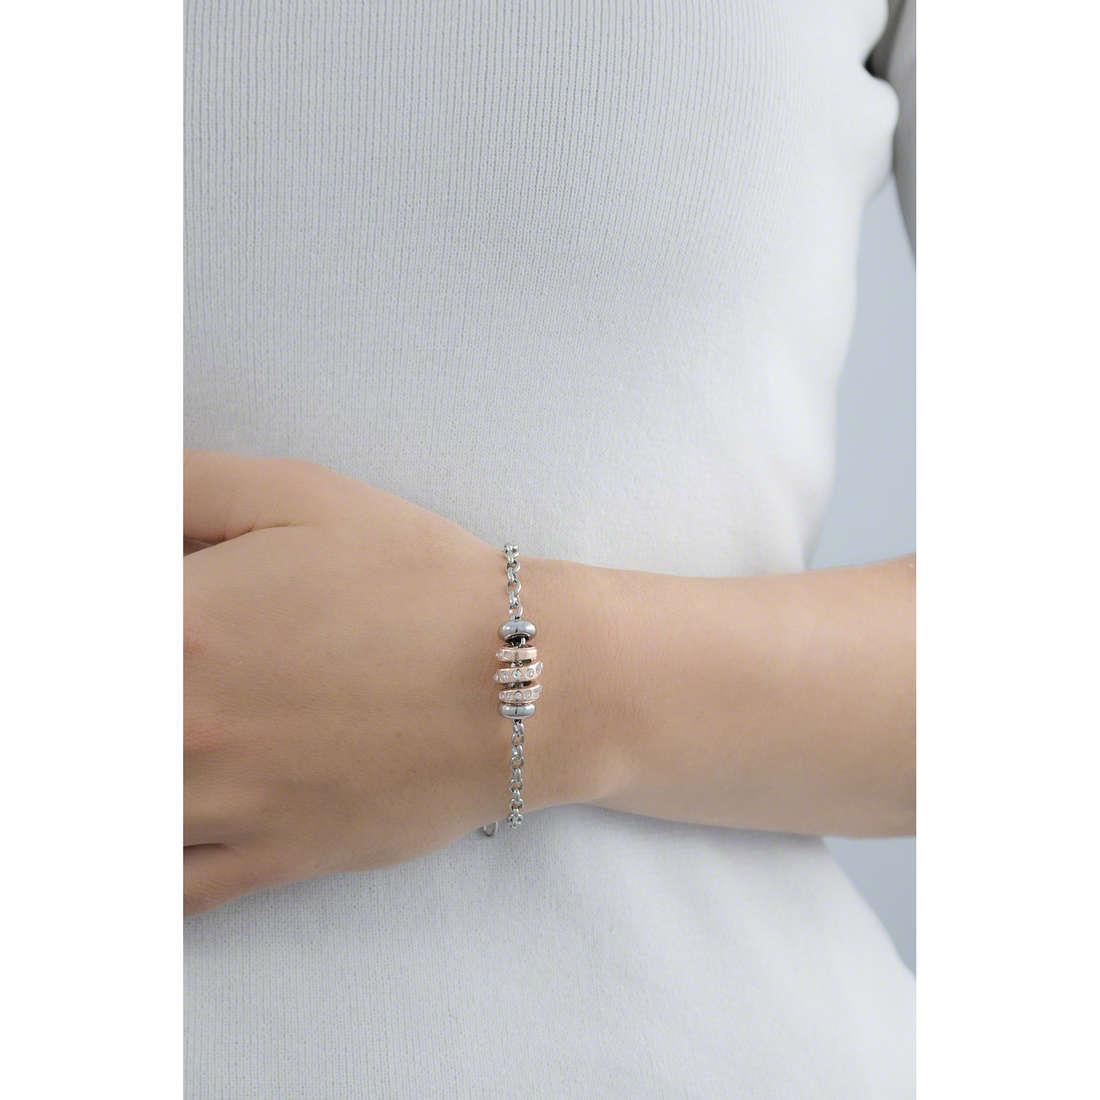 Morellato bracciali Drops donna SCZ368 indosso